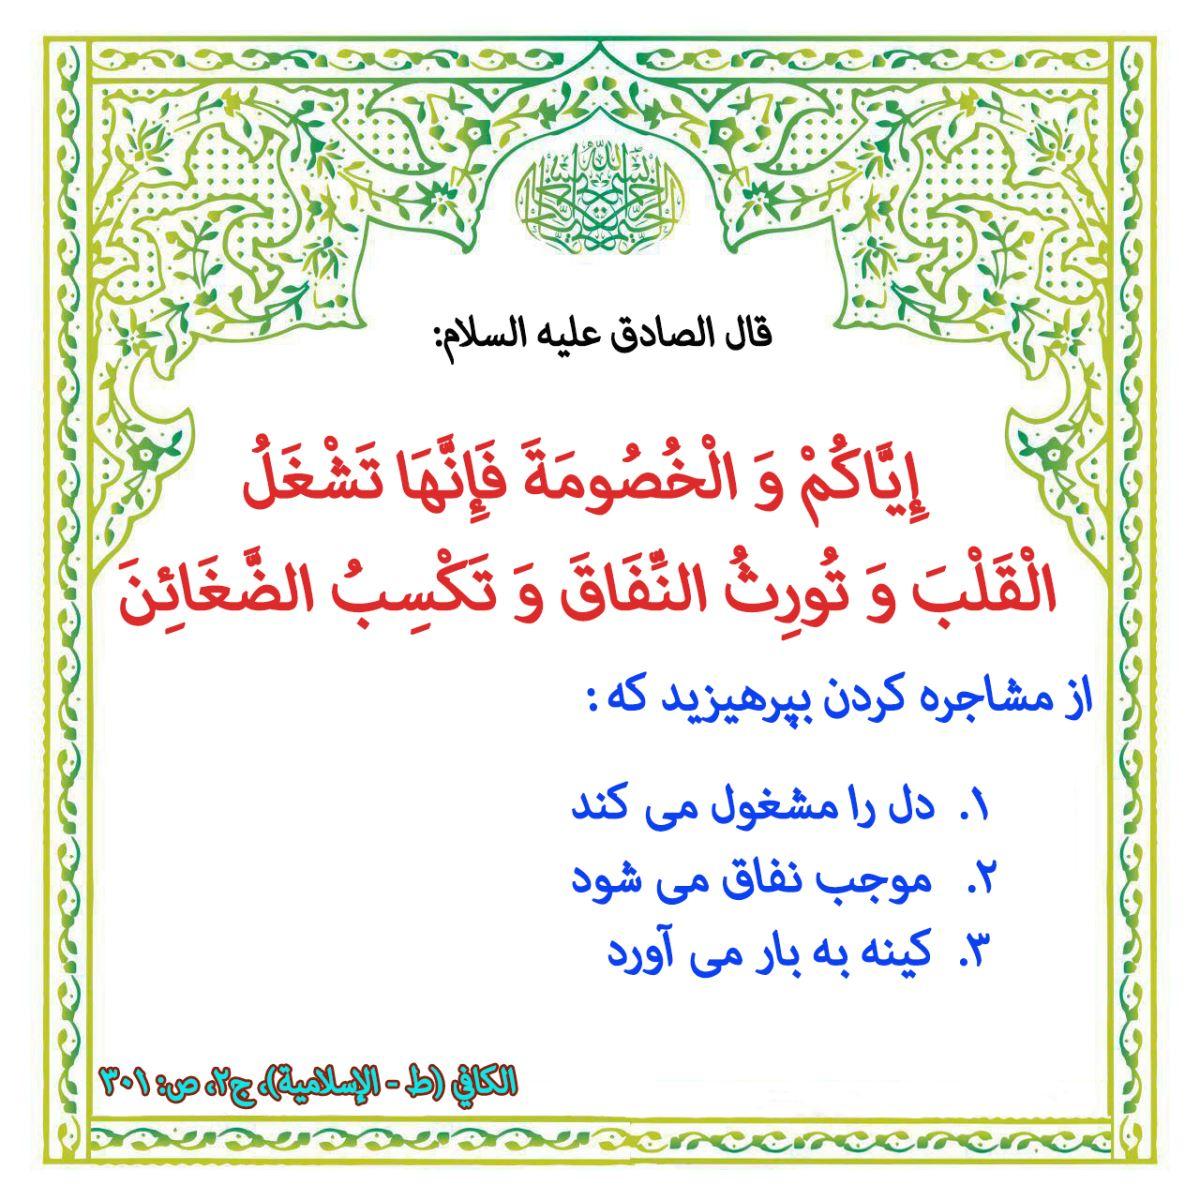 حدیث روز- امام صادق(ع)- مشاجره- کتاب الکافی-نفاق- کینه- حوزه- خبرگزاری حوزه